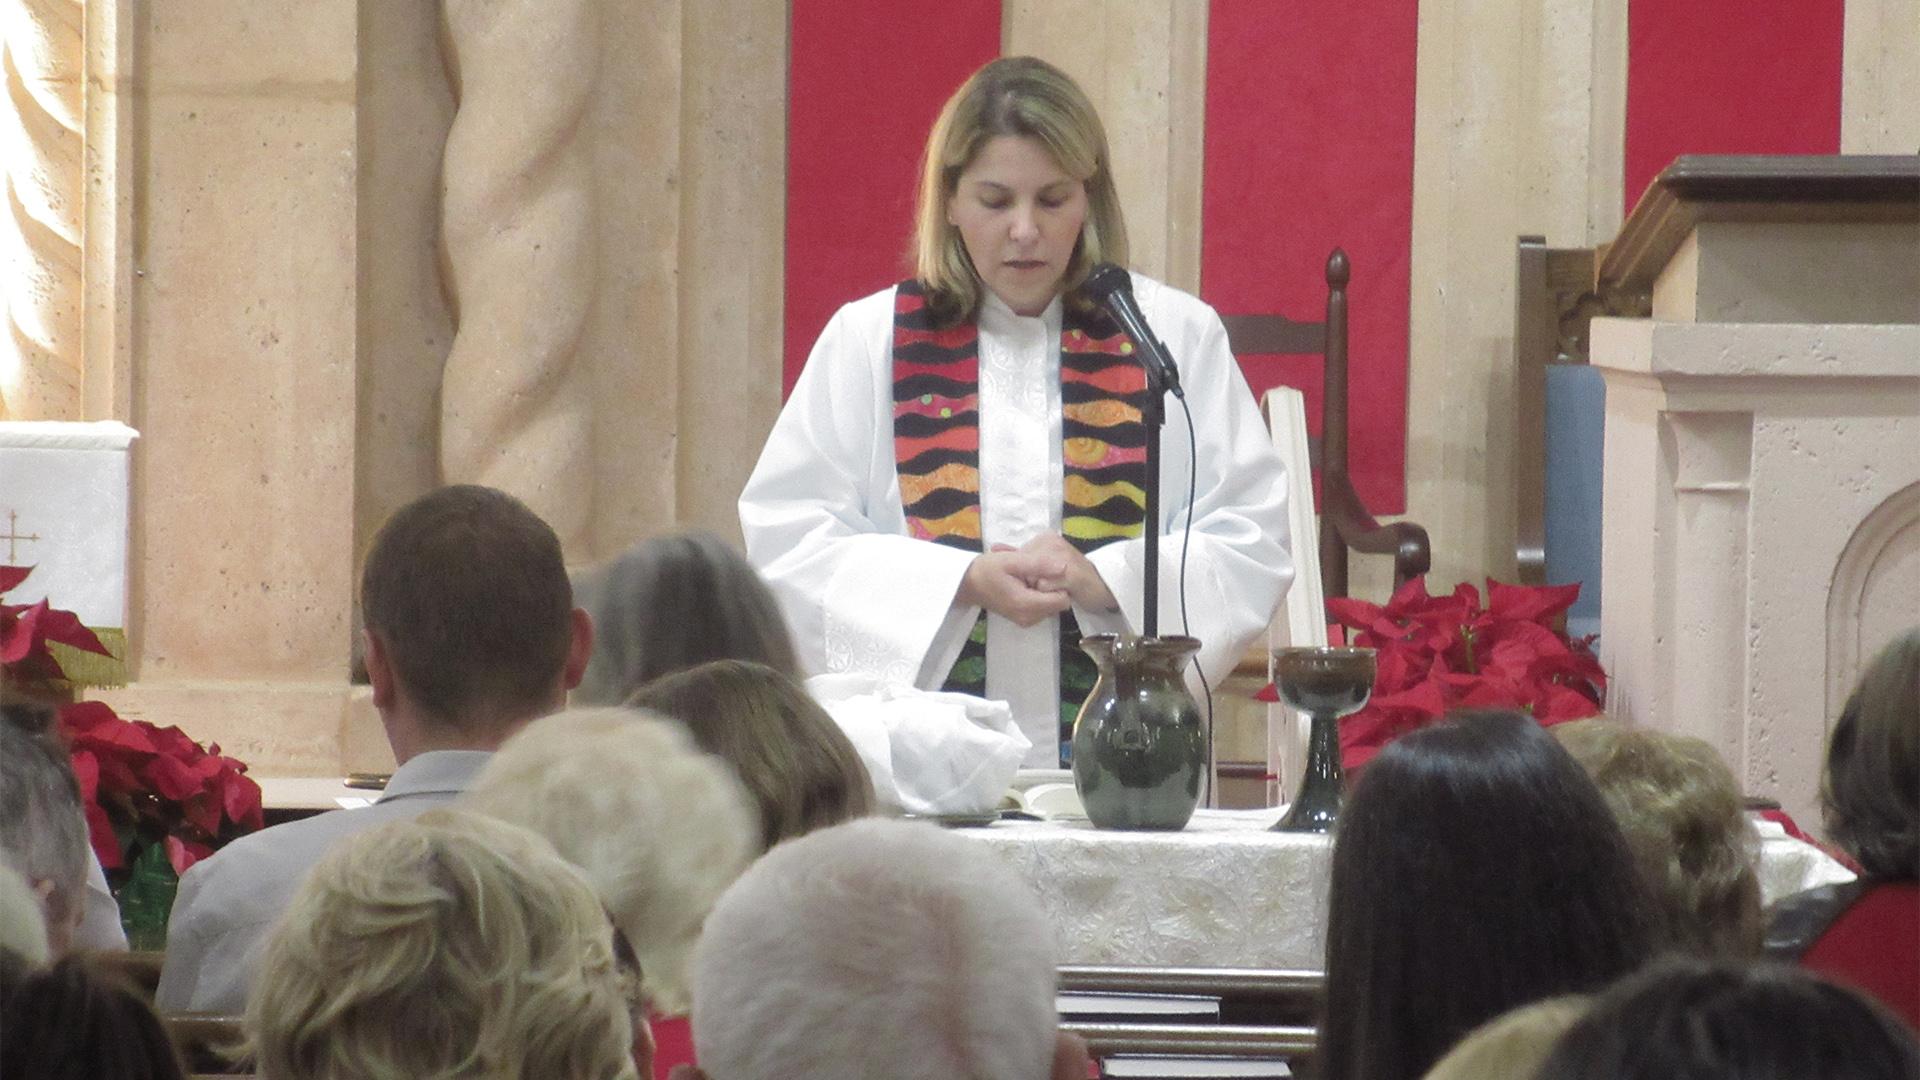 amerika asztalos emese egyház hit közép-florida lelkész lelkészi joggyakorlat segédlelkészi feladatok teológia vallás